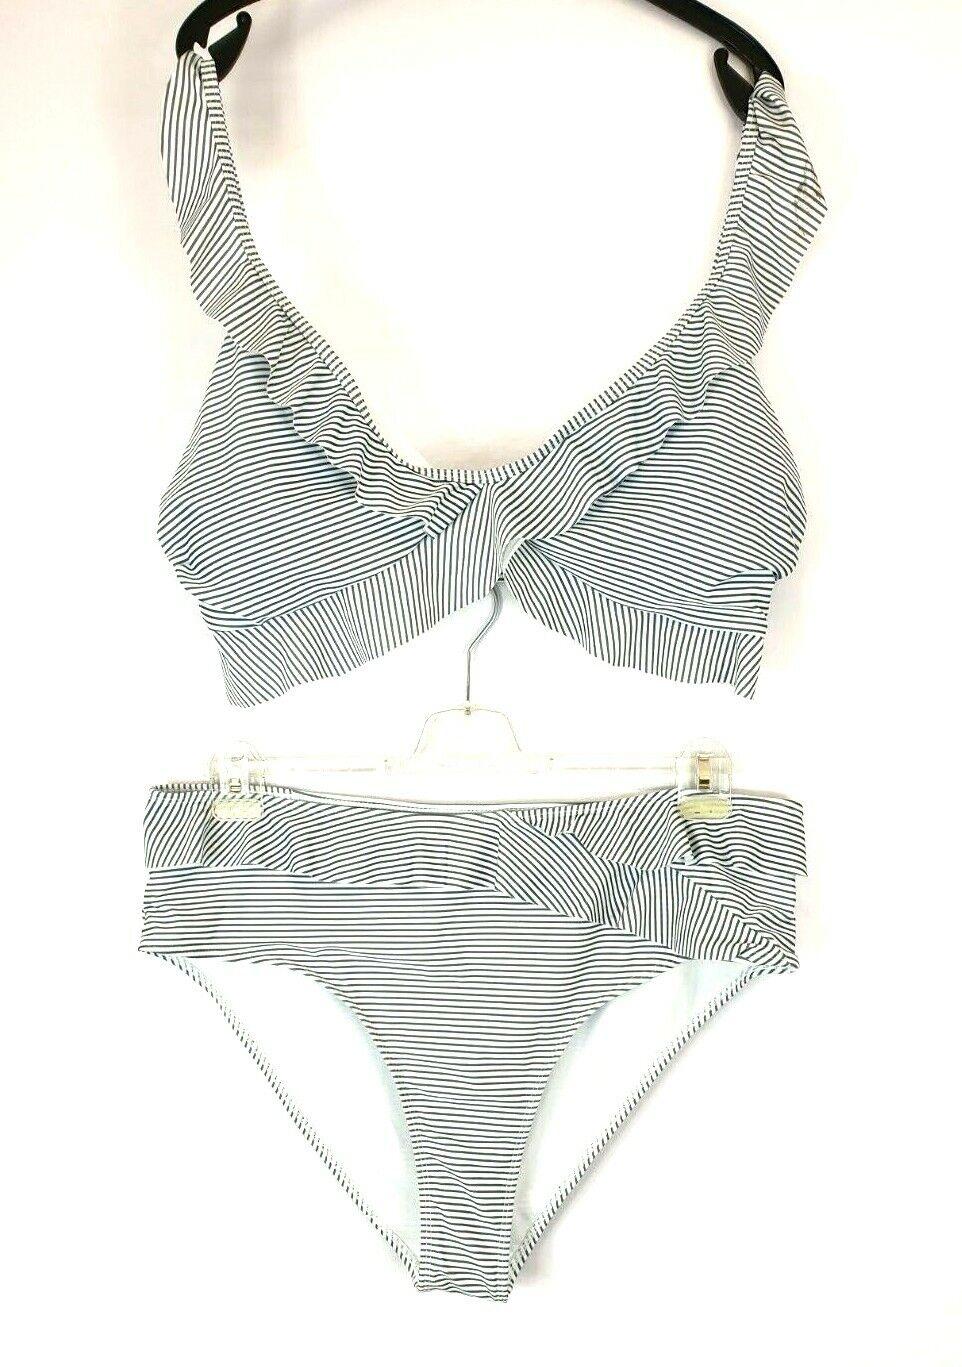 K13) Shein Bikini Swimsuit Size XXXL 3XL Striped NEW